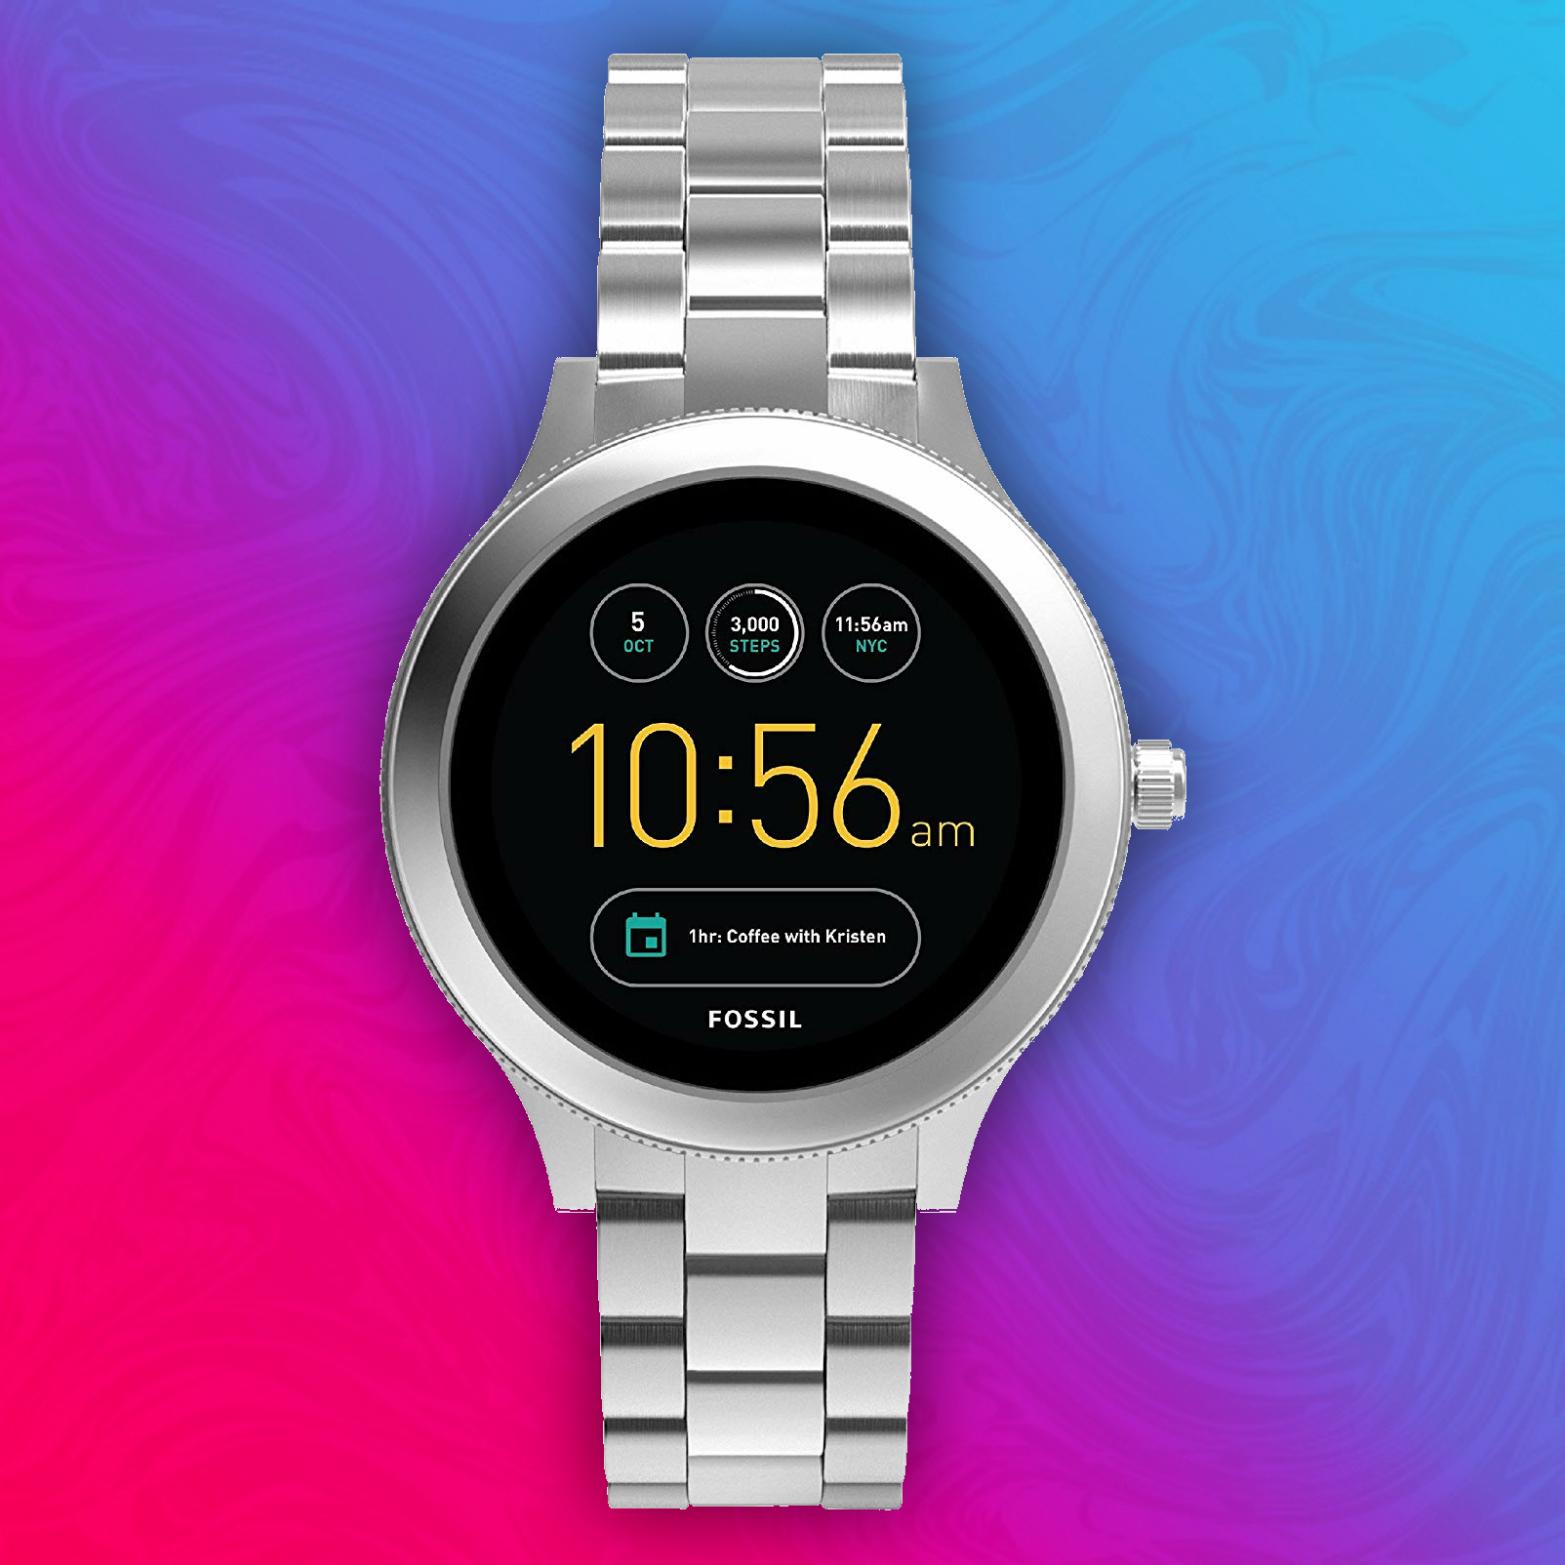 Fossil Damen Smartwatch Q Venture 3. Generation - Edelstahl - Silber - Für Android & iOS